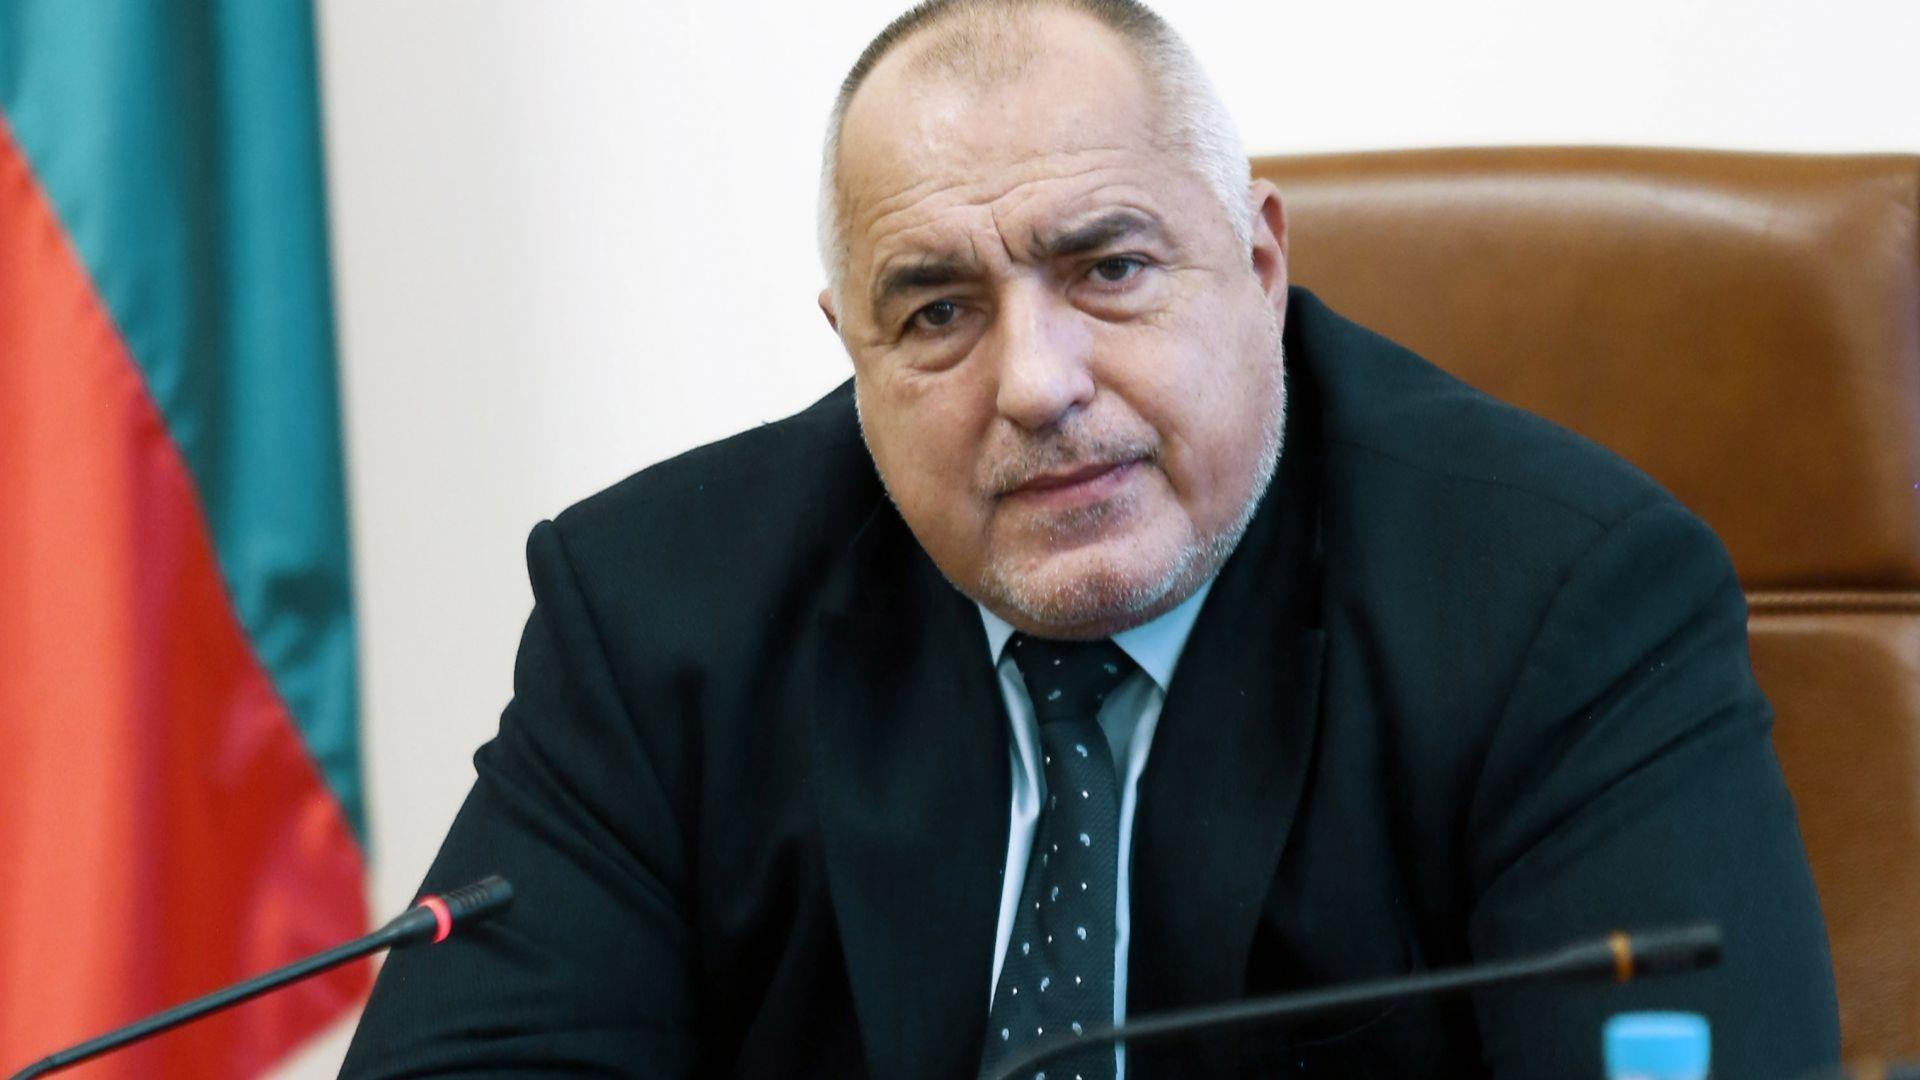 Борисов: Първи ще се ваксинират министърът и шефовете на болници. Аз, когато ми дойде ред